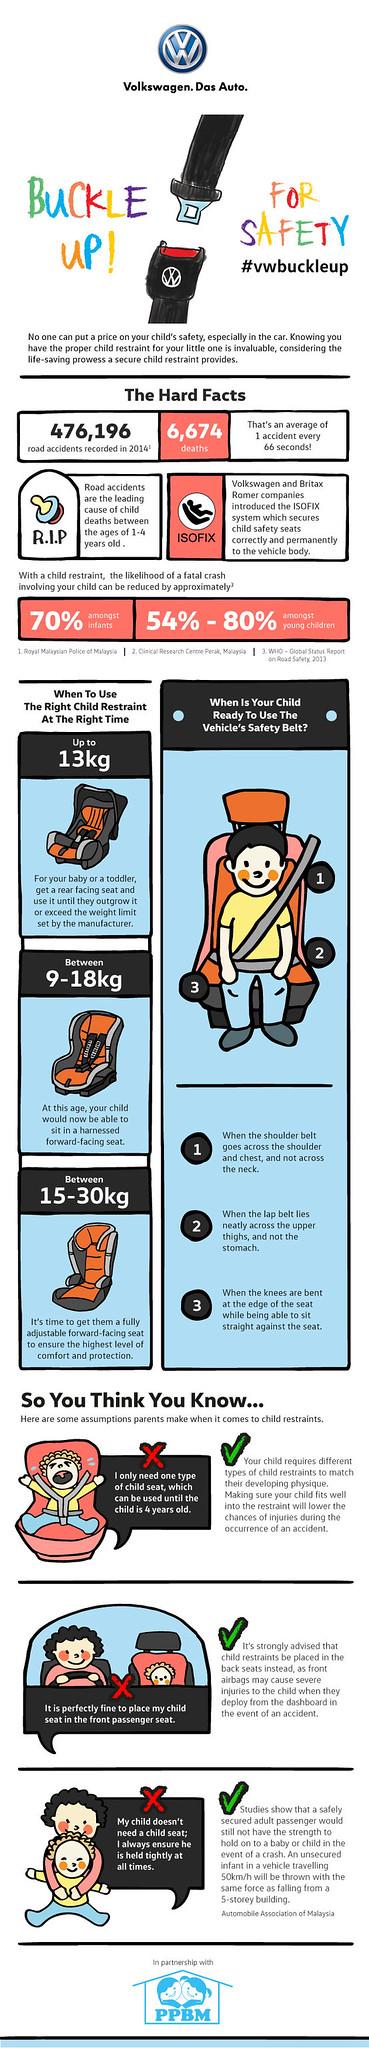 buckleup_infographic